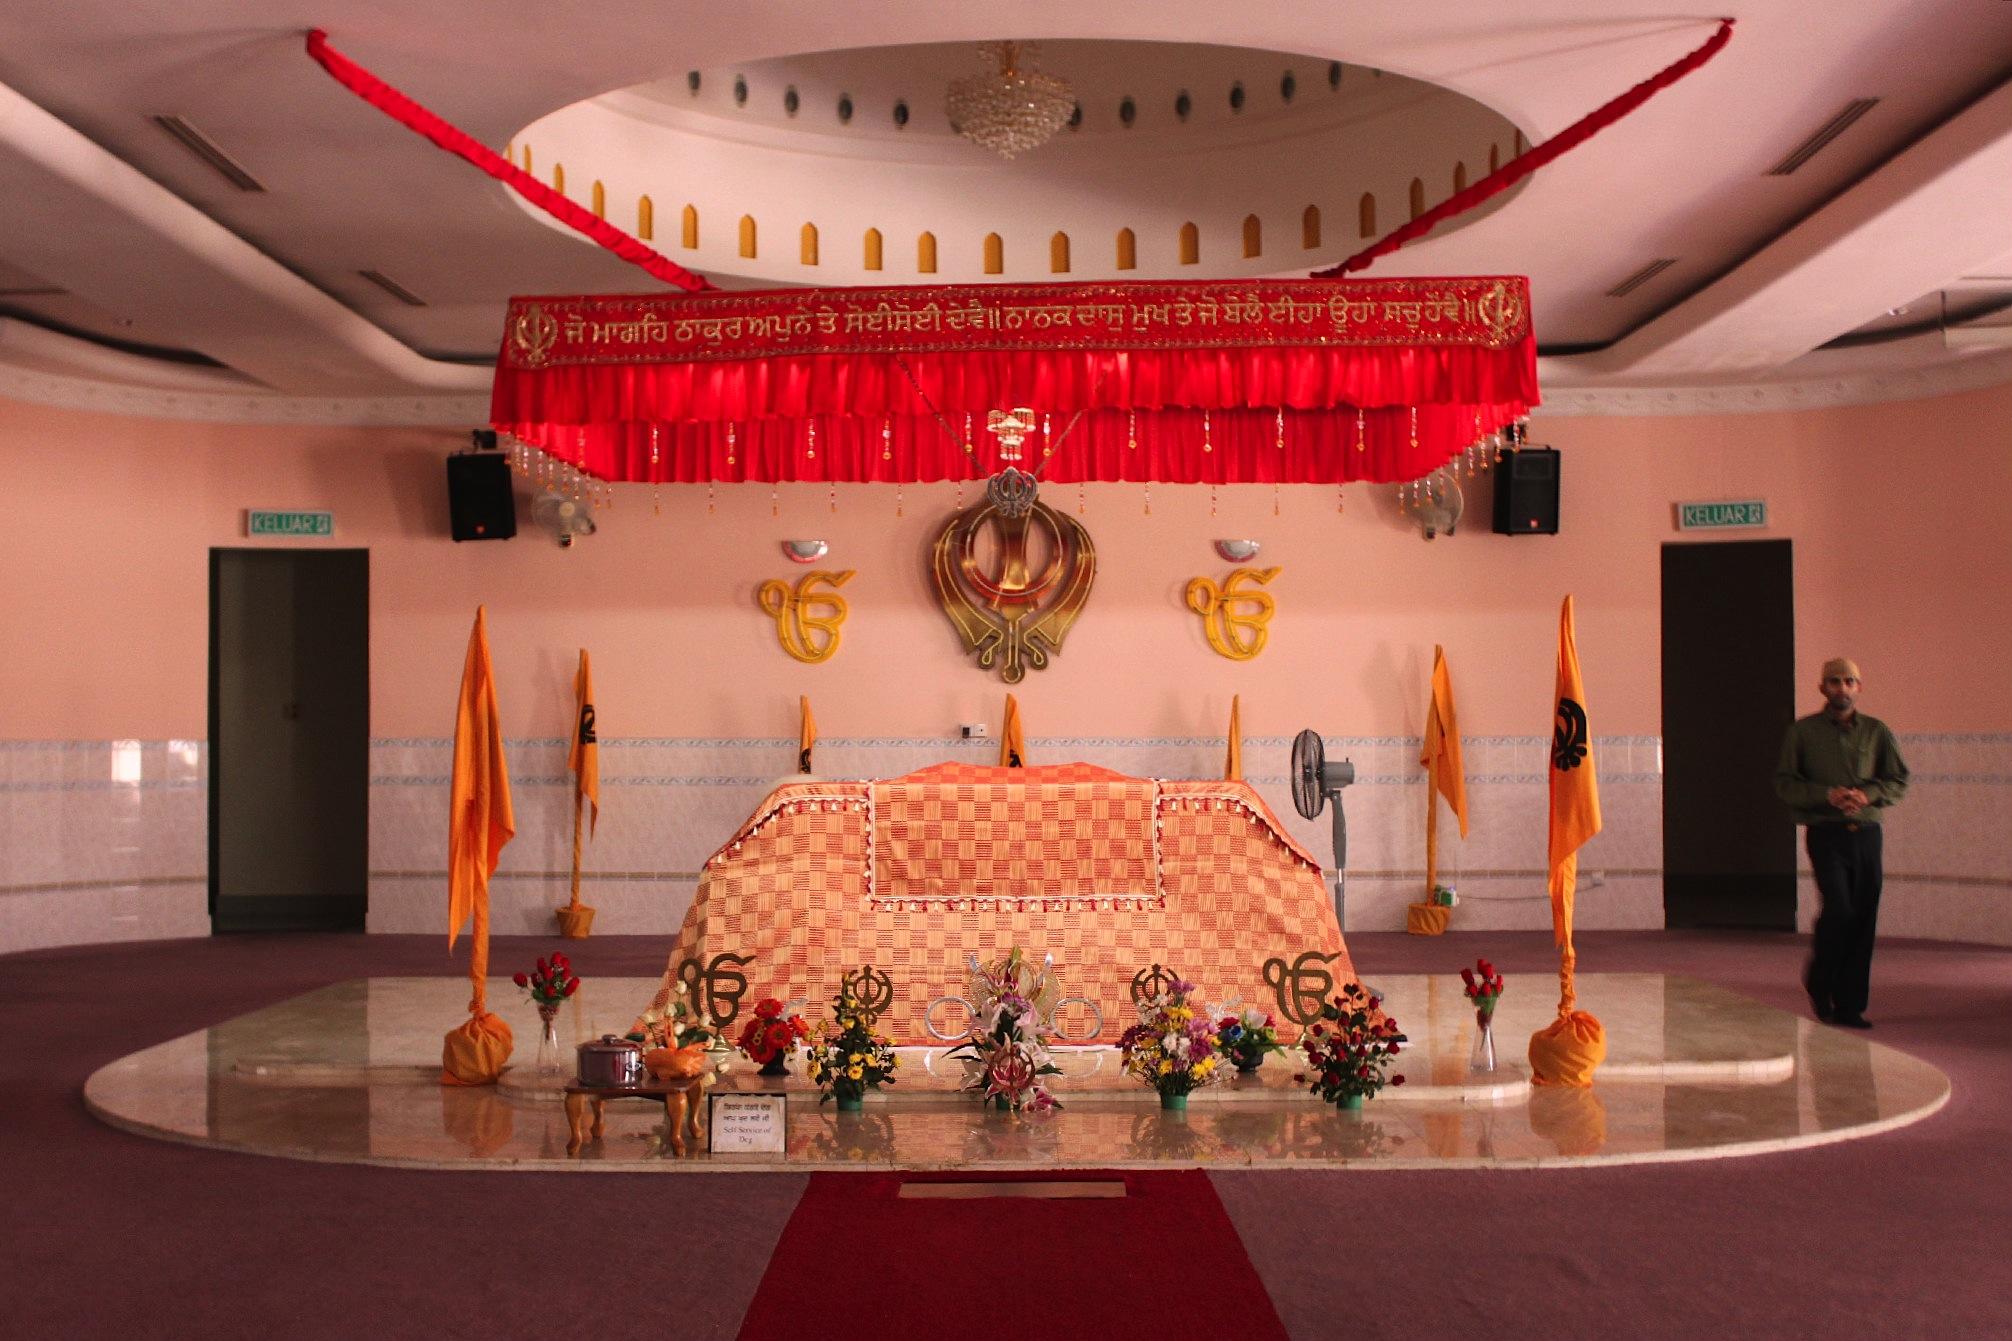 Tempio Sikh Gurdwara Tatt Khalsa